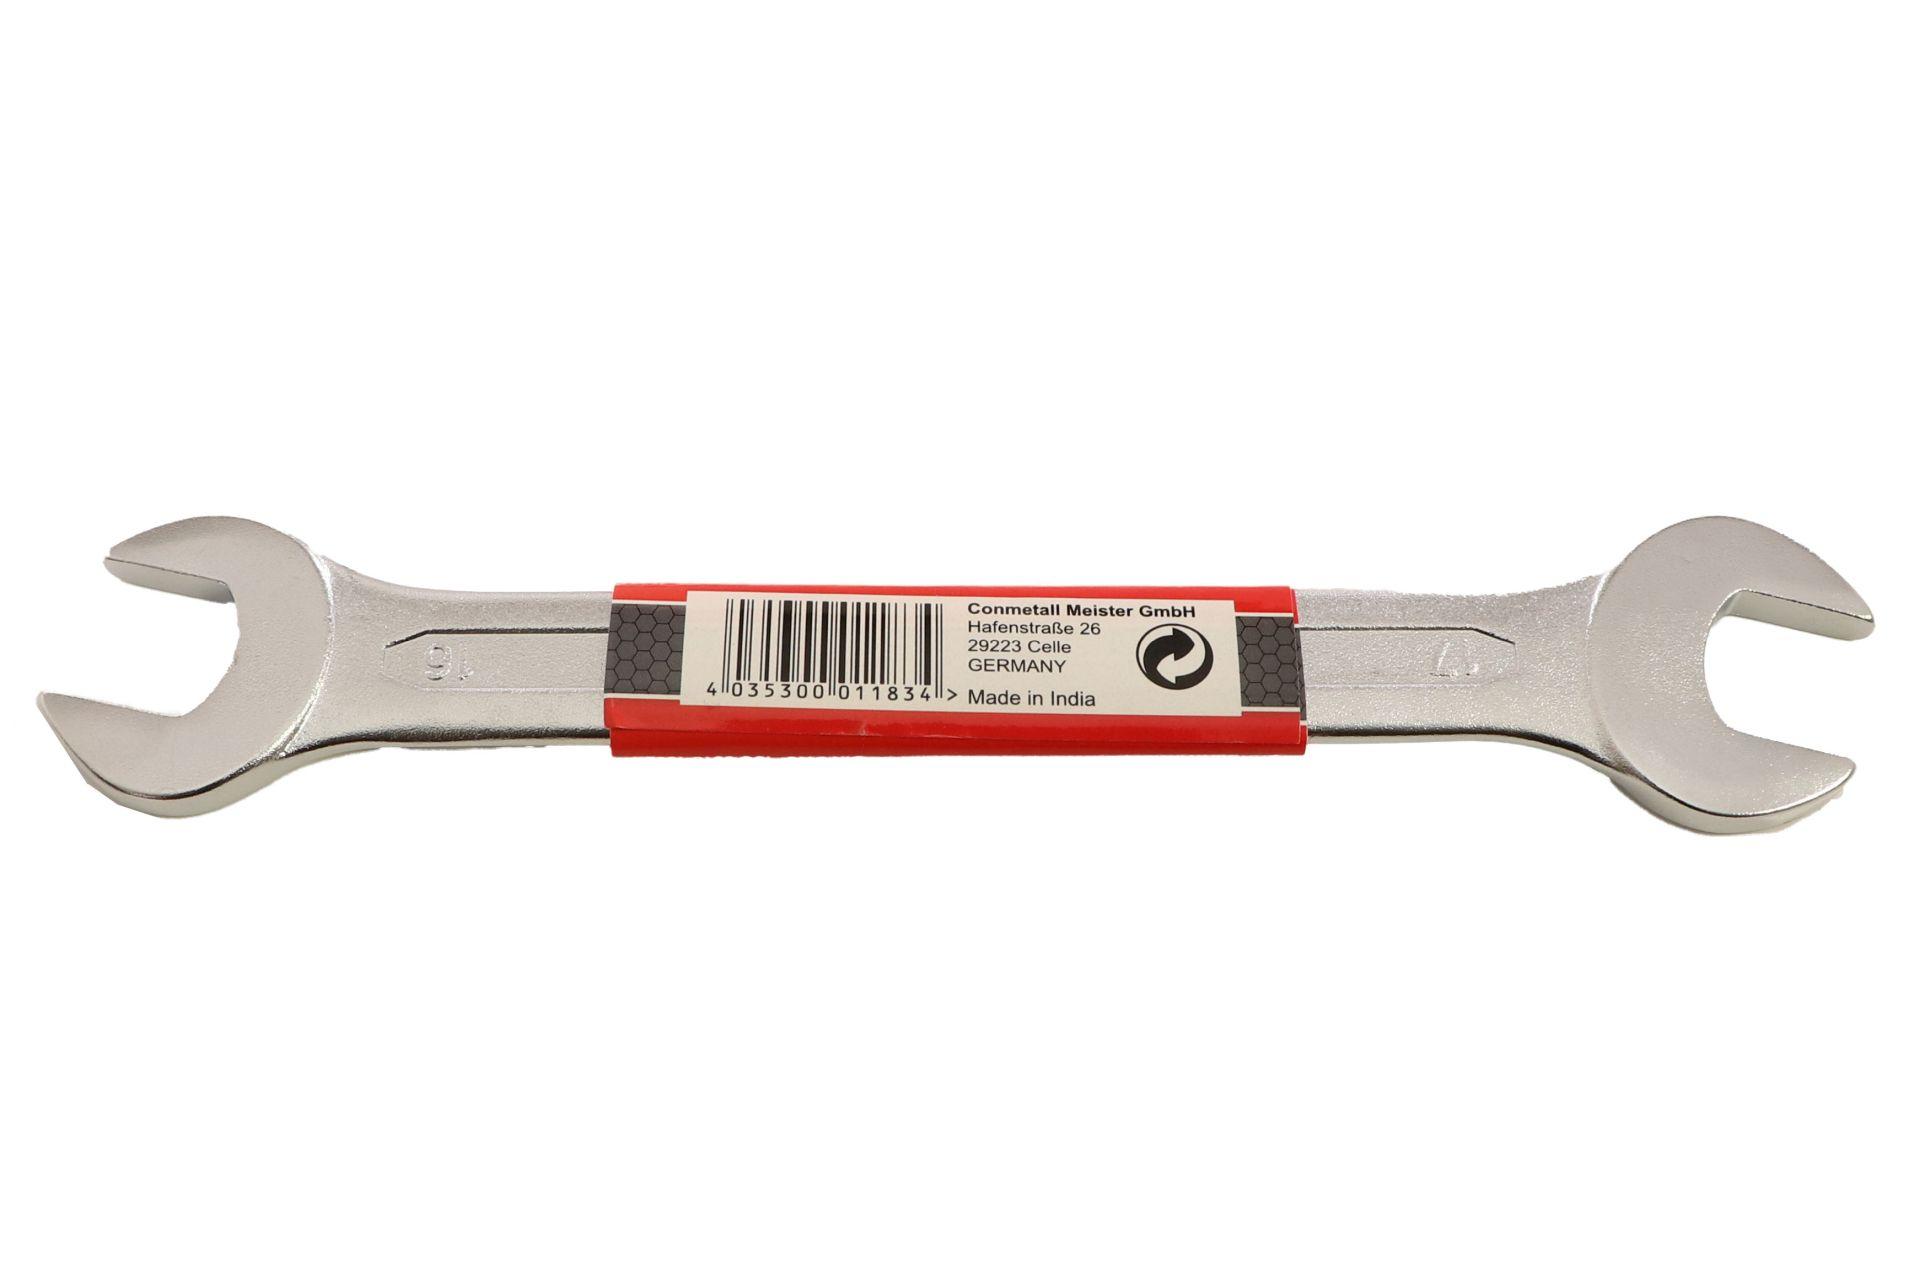 Conmetall Gabelschlüssel, Chrom-Vanadium-Stahl, 16 x 17 mm